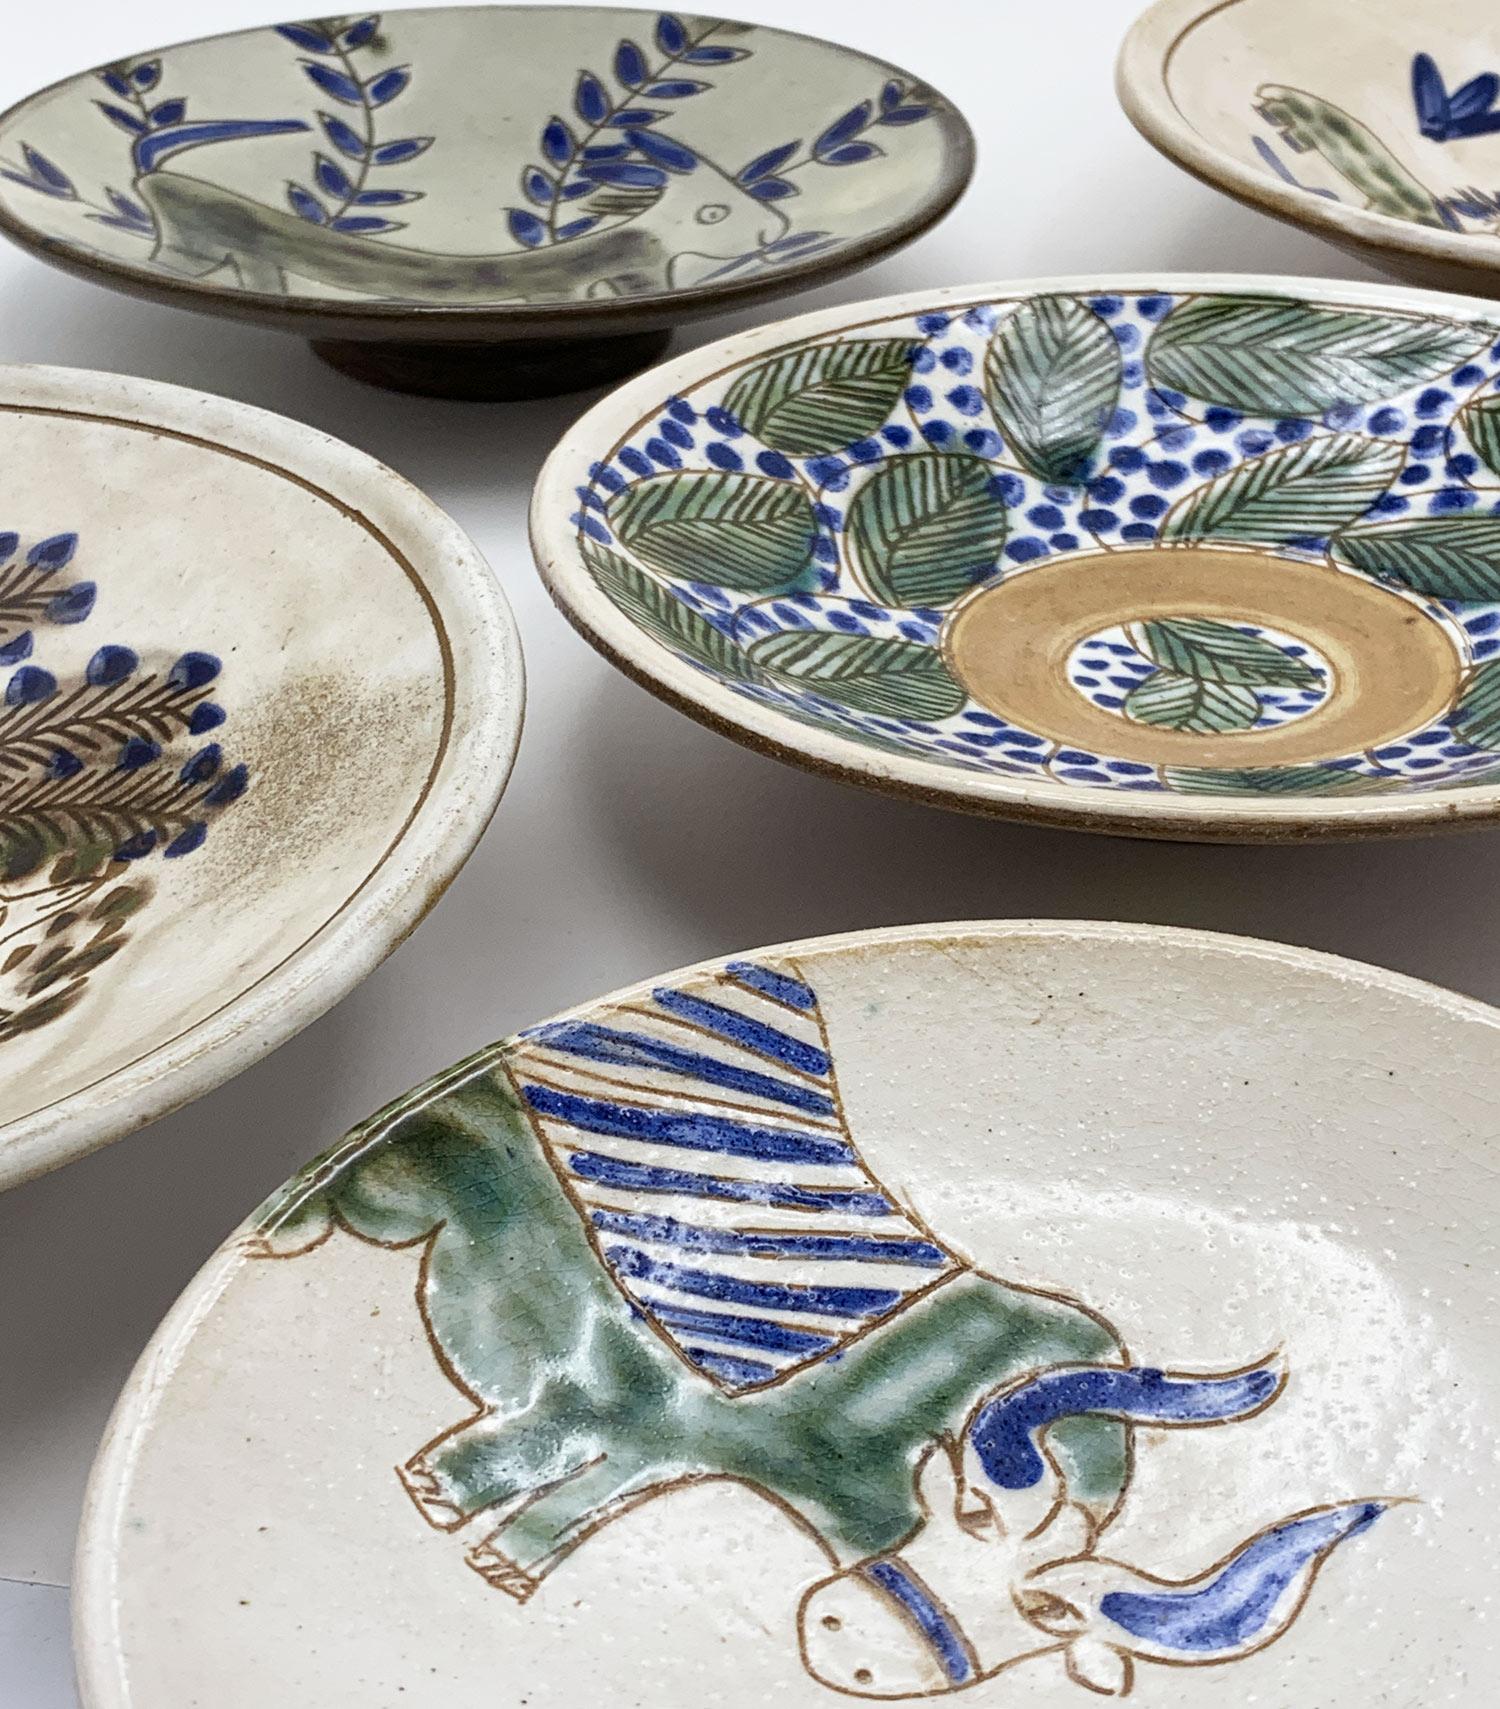 Poteries de l'ecole du Fayoum petites assiettes